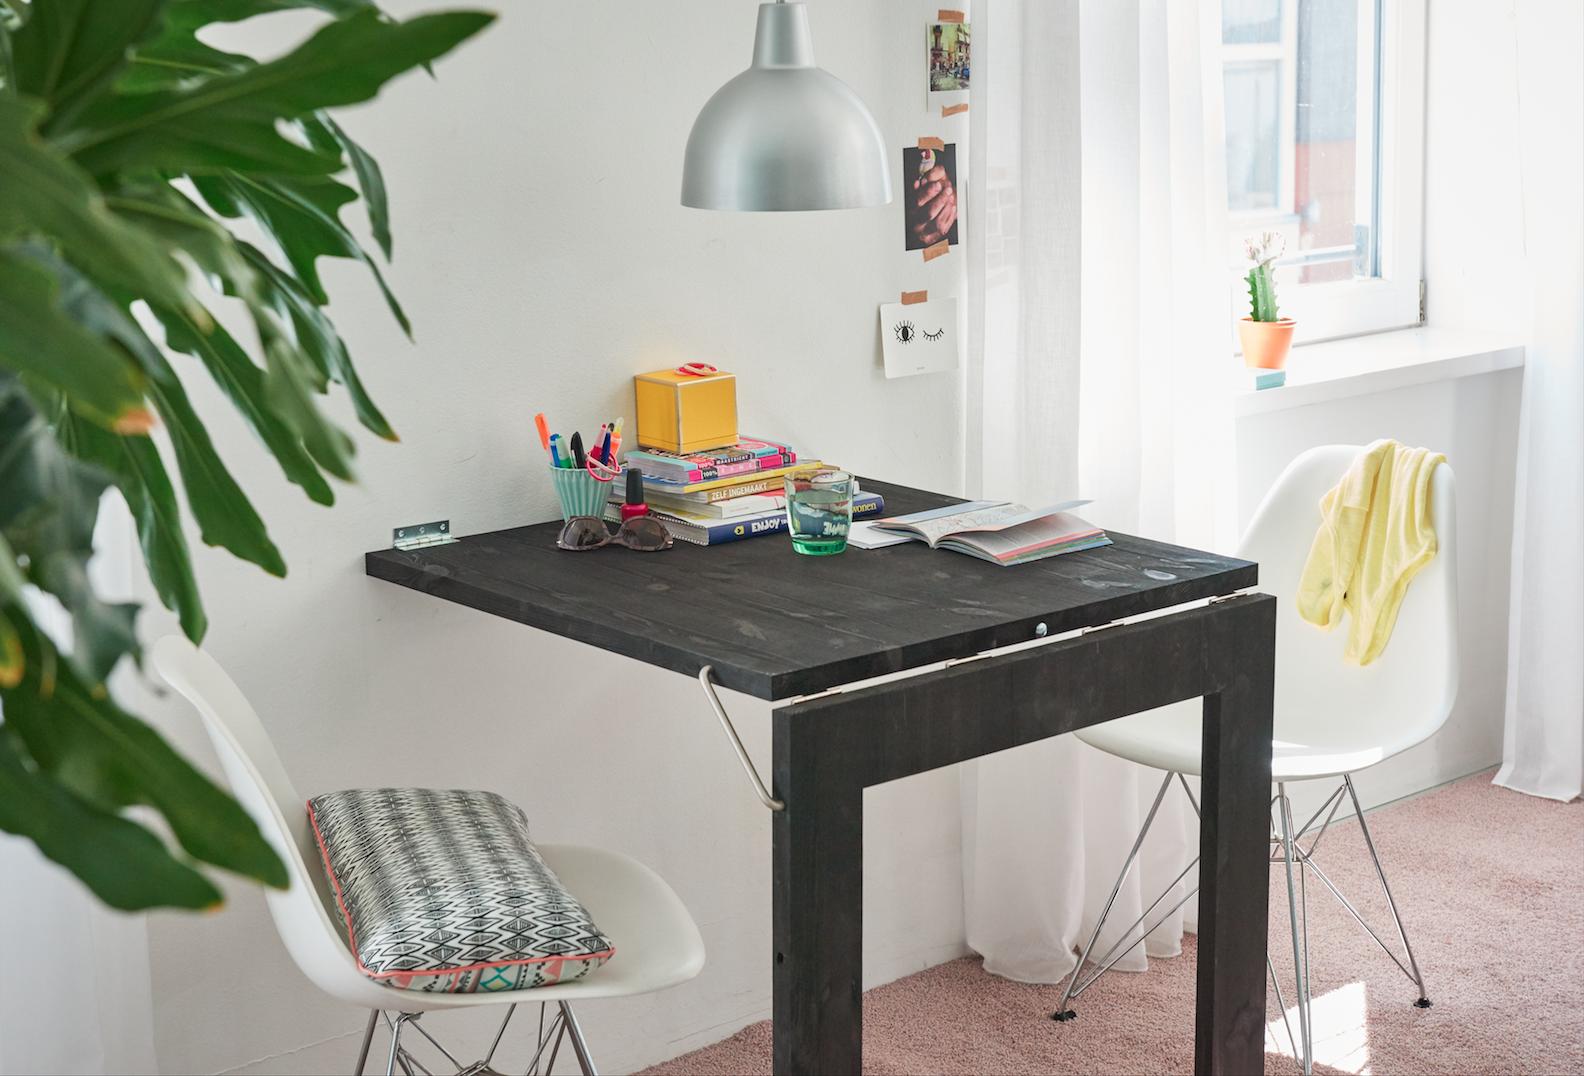 Zelf Tafel Maken : Een opklapbare spiegel tafel maken voordemakers